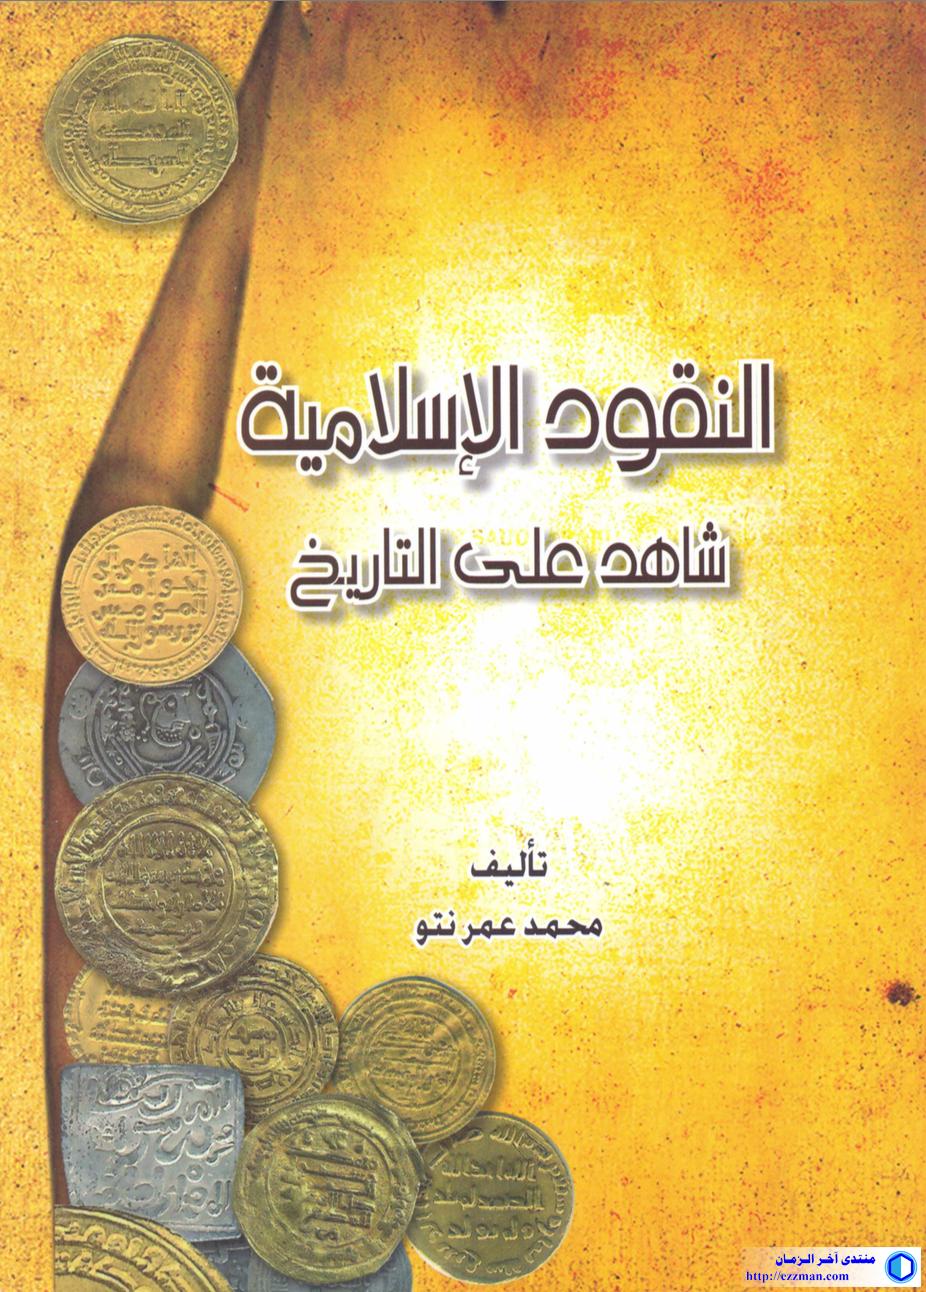 النقود الإسلامية شاهد التاريخ